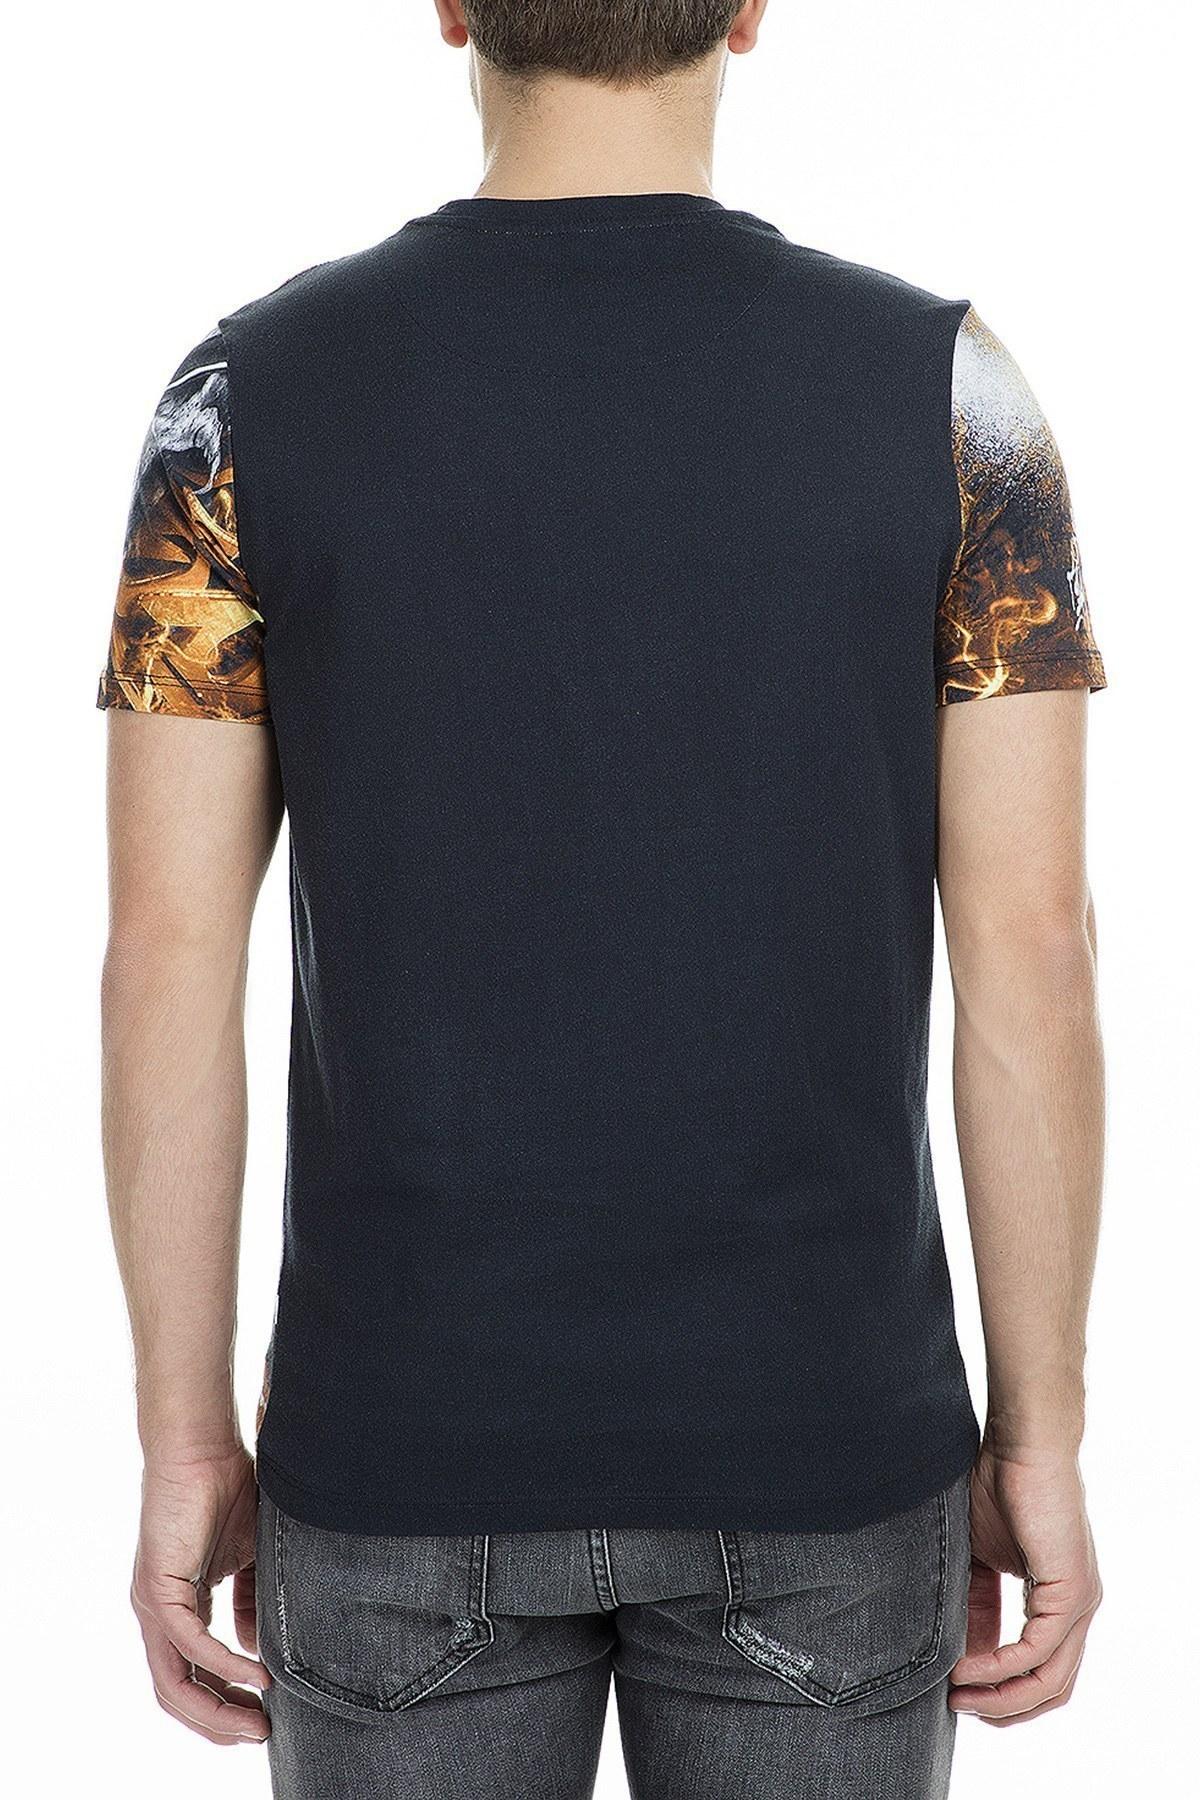 Frankie Morello Erkek T Shirt FMMS9019TS N01 SİYAH